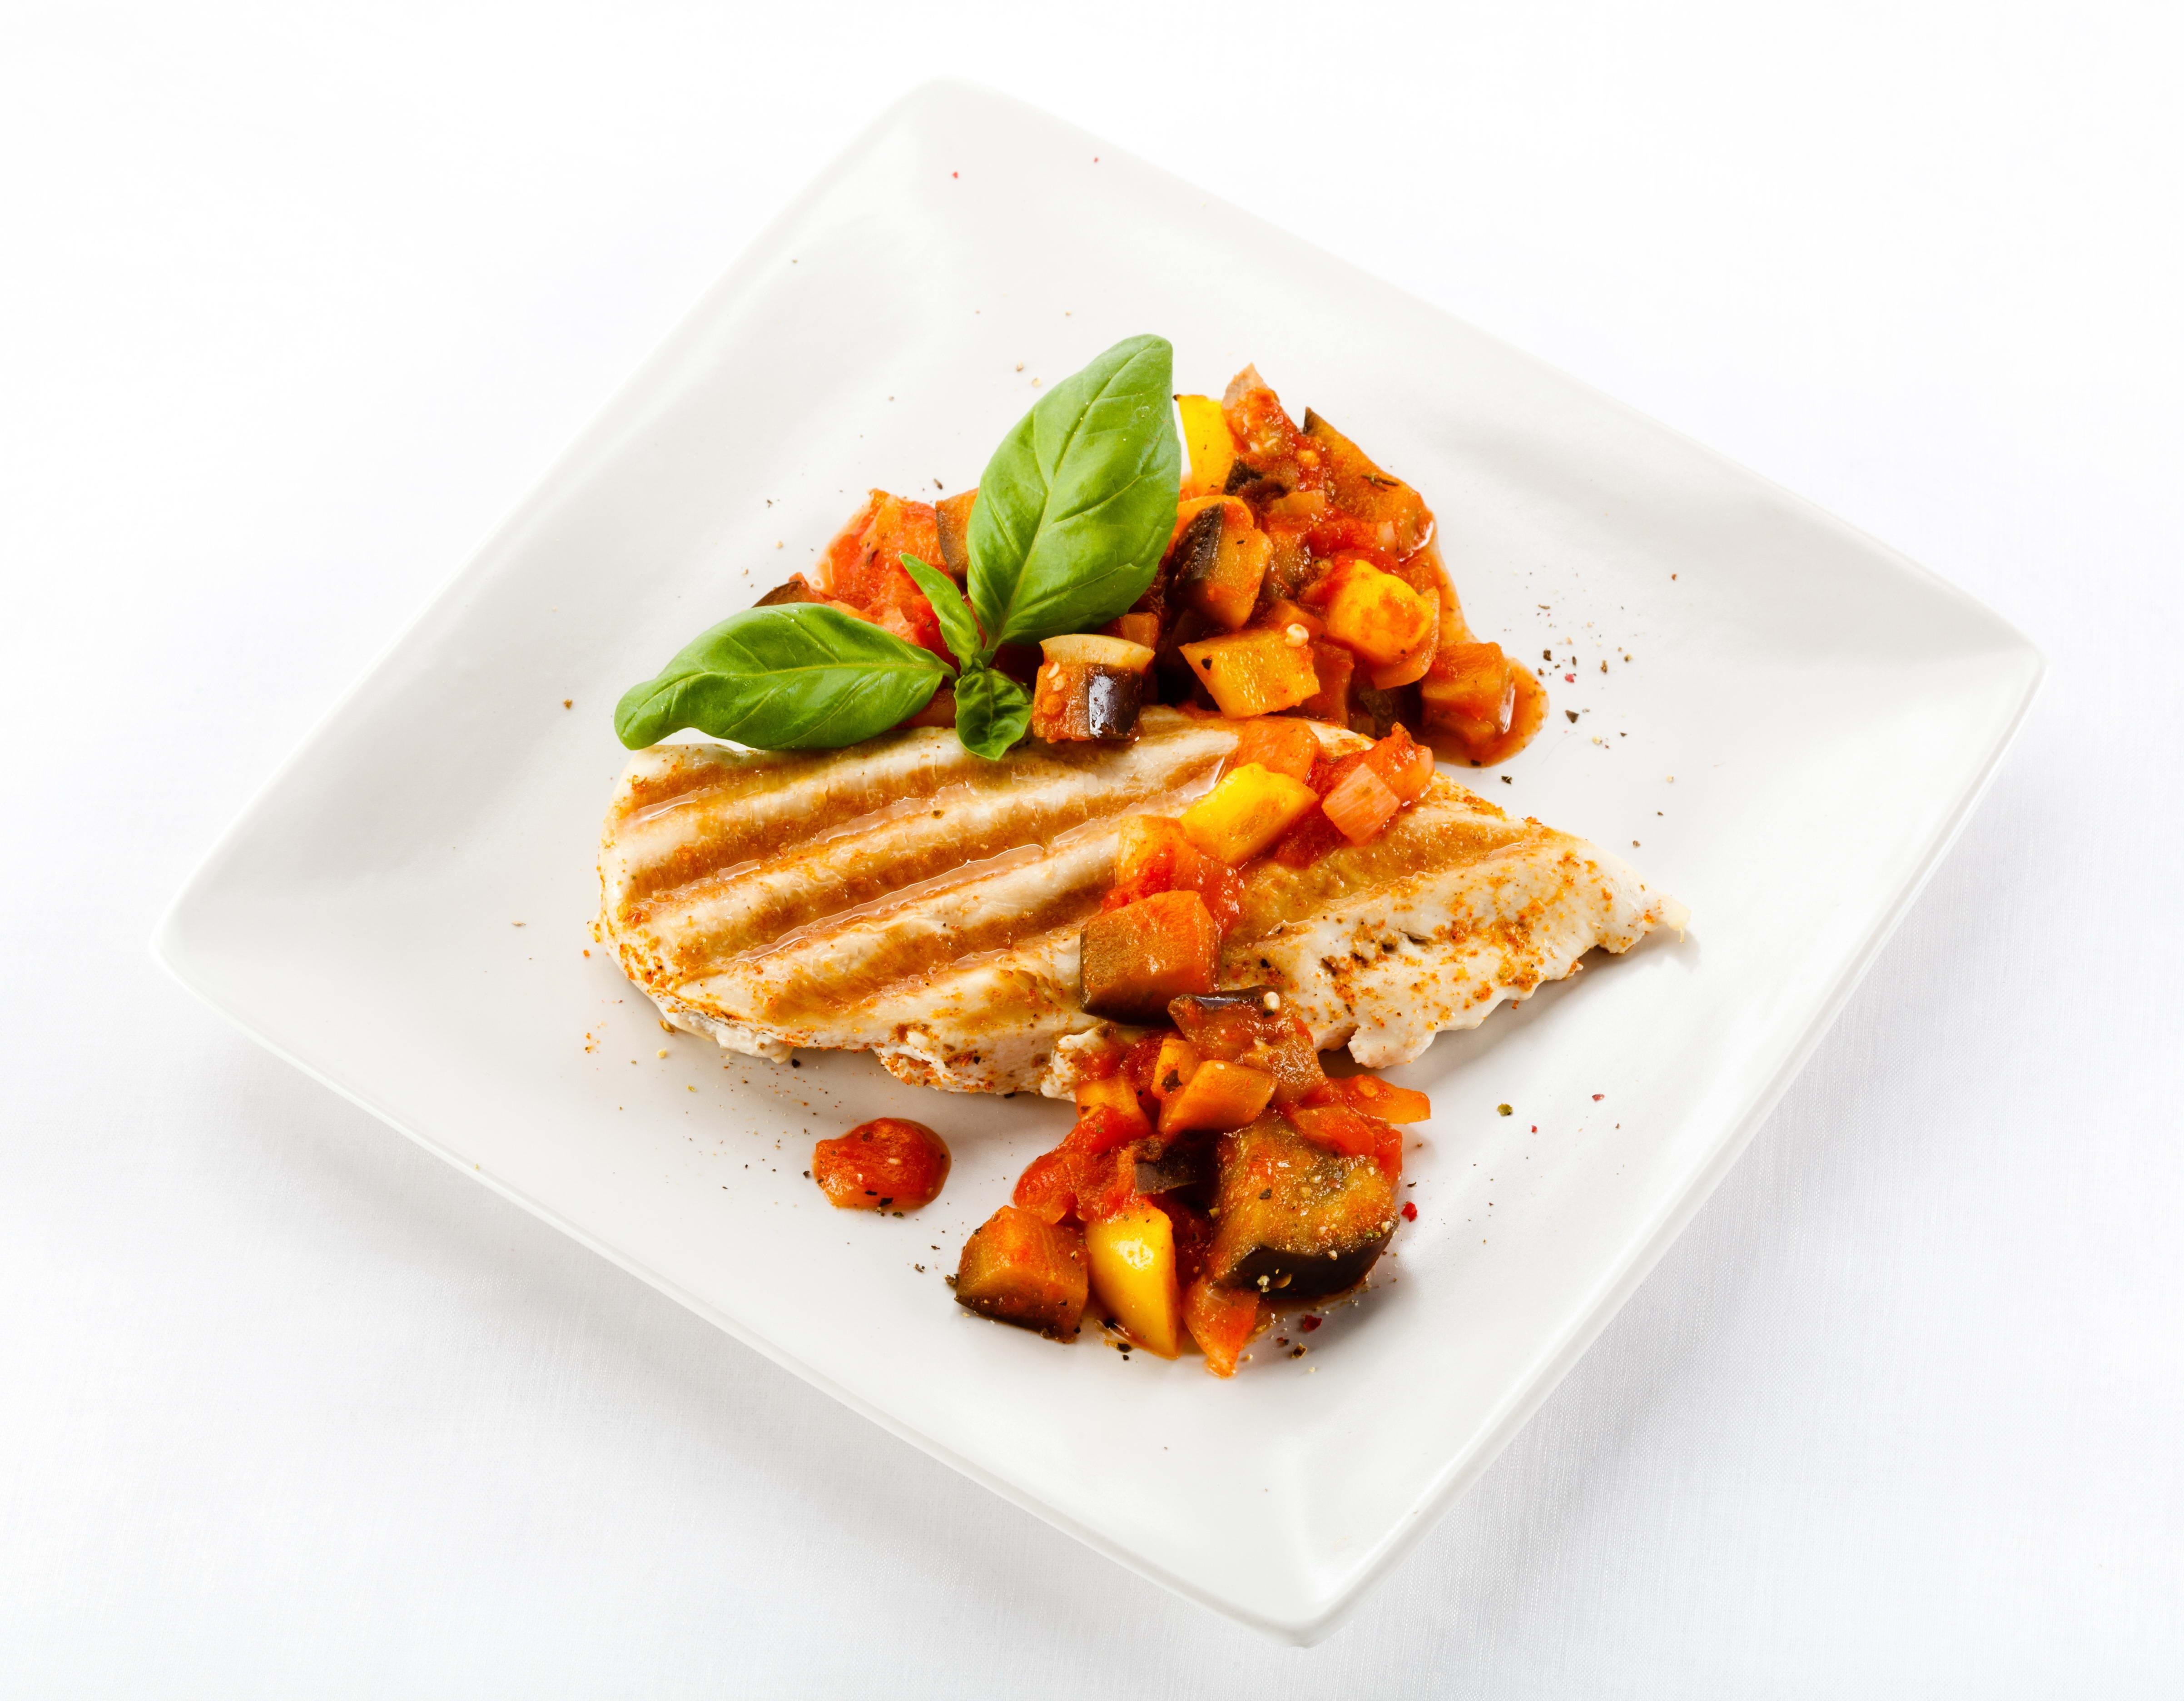 Hintergrundbilder : Blätter, Lebensmittel, Fleisch, Fisch, Teller ...